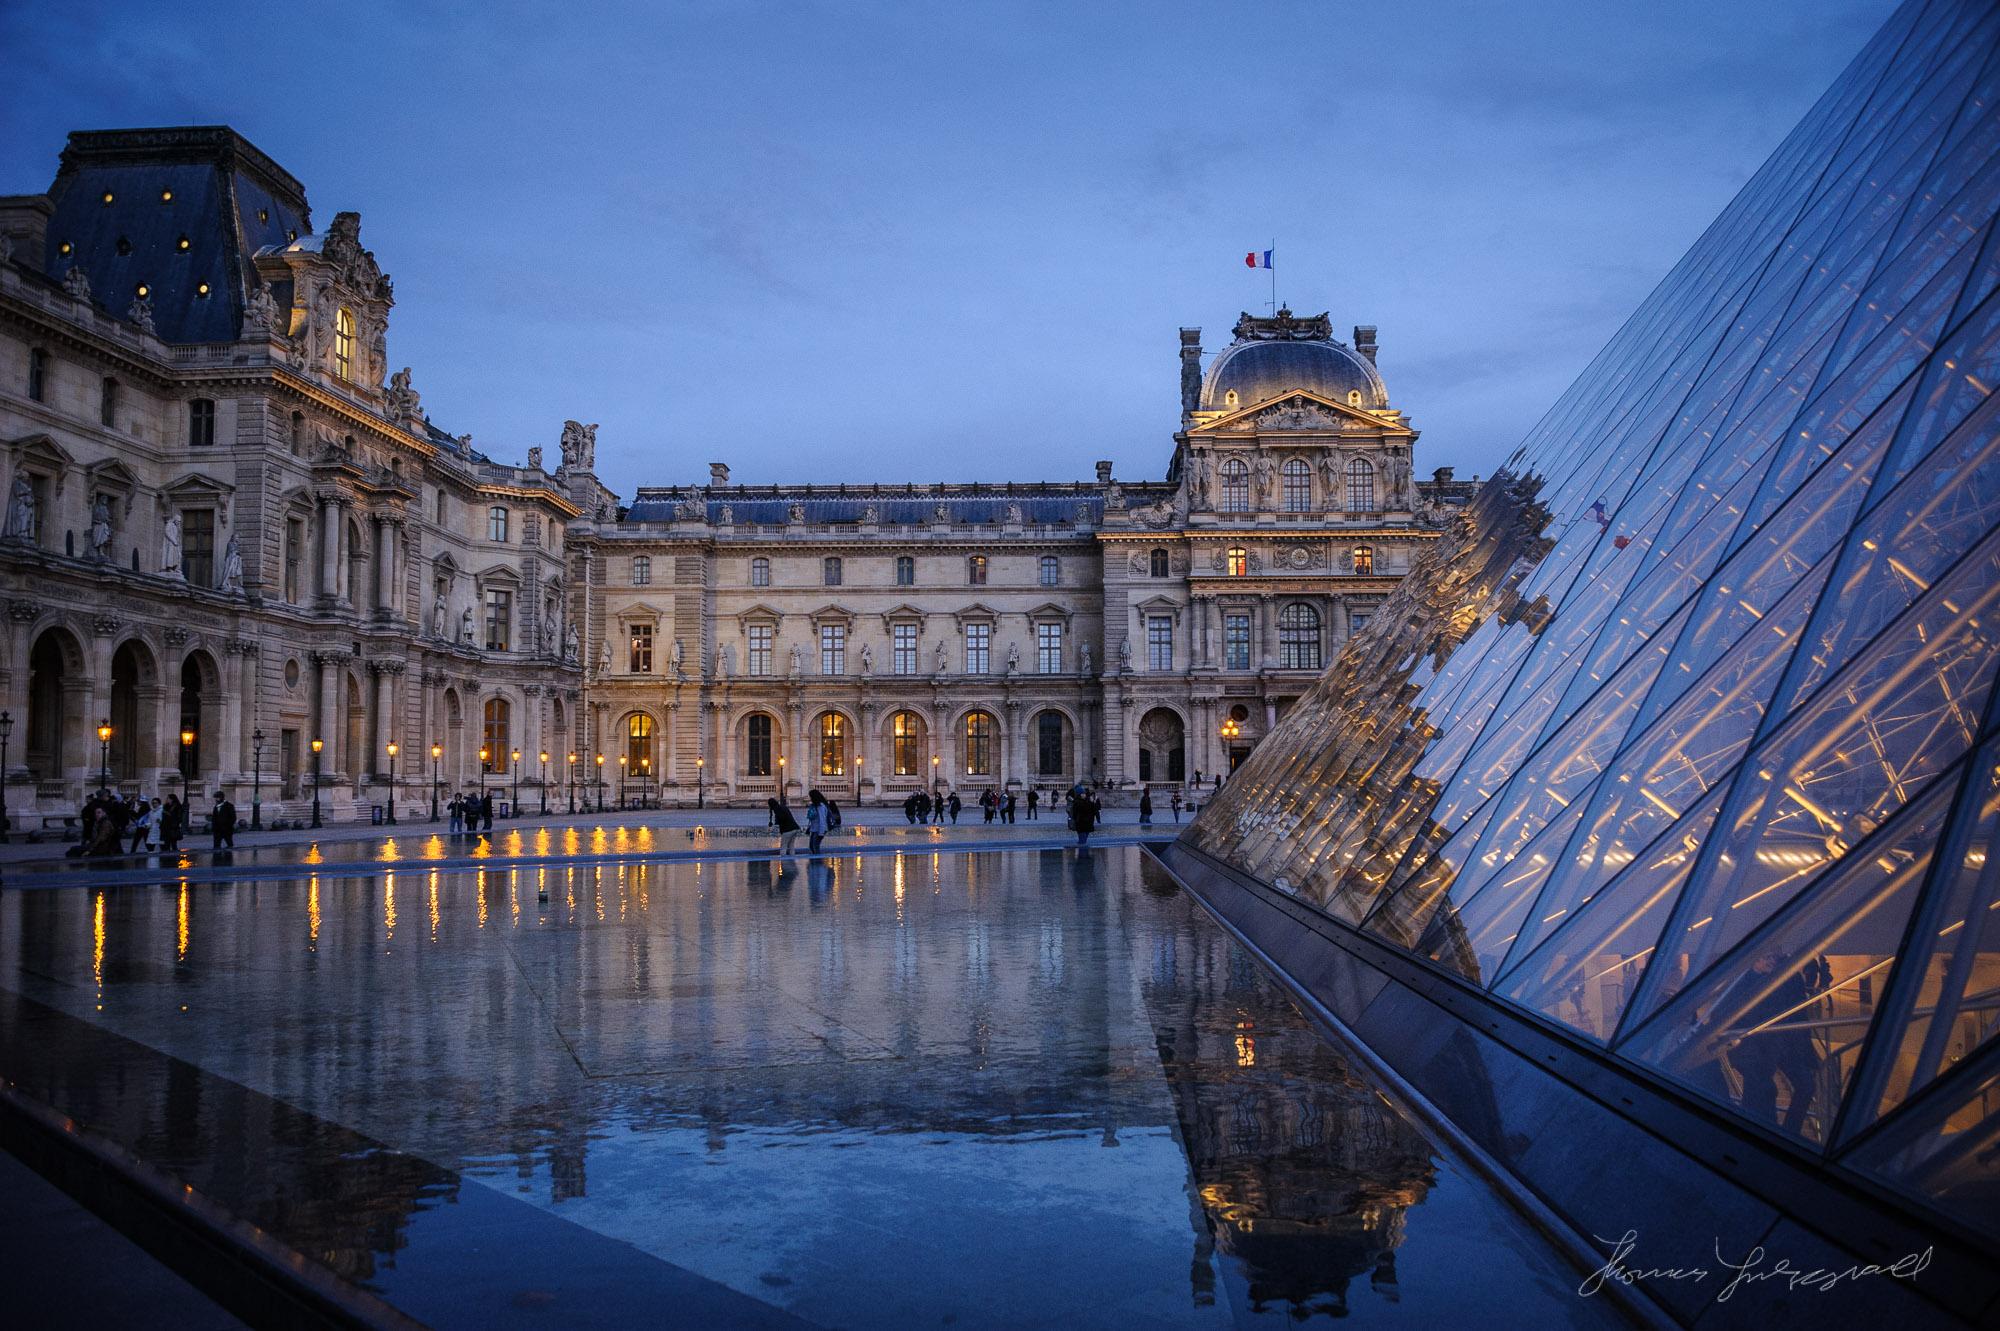 Louvre, Paris, December 2013